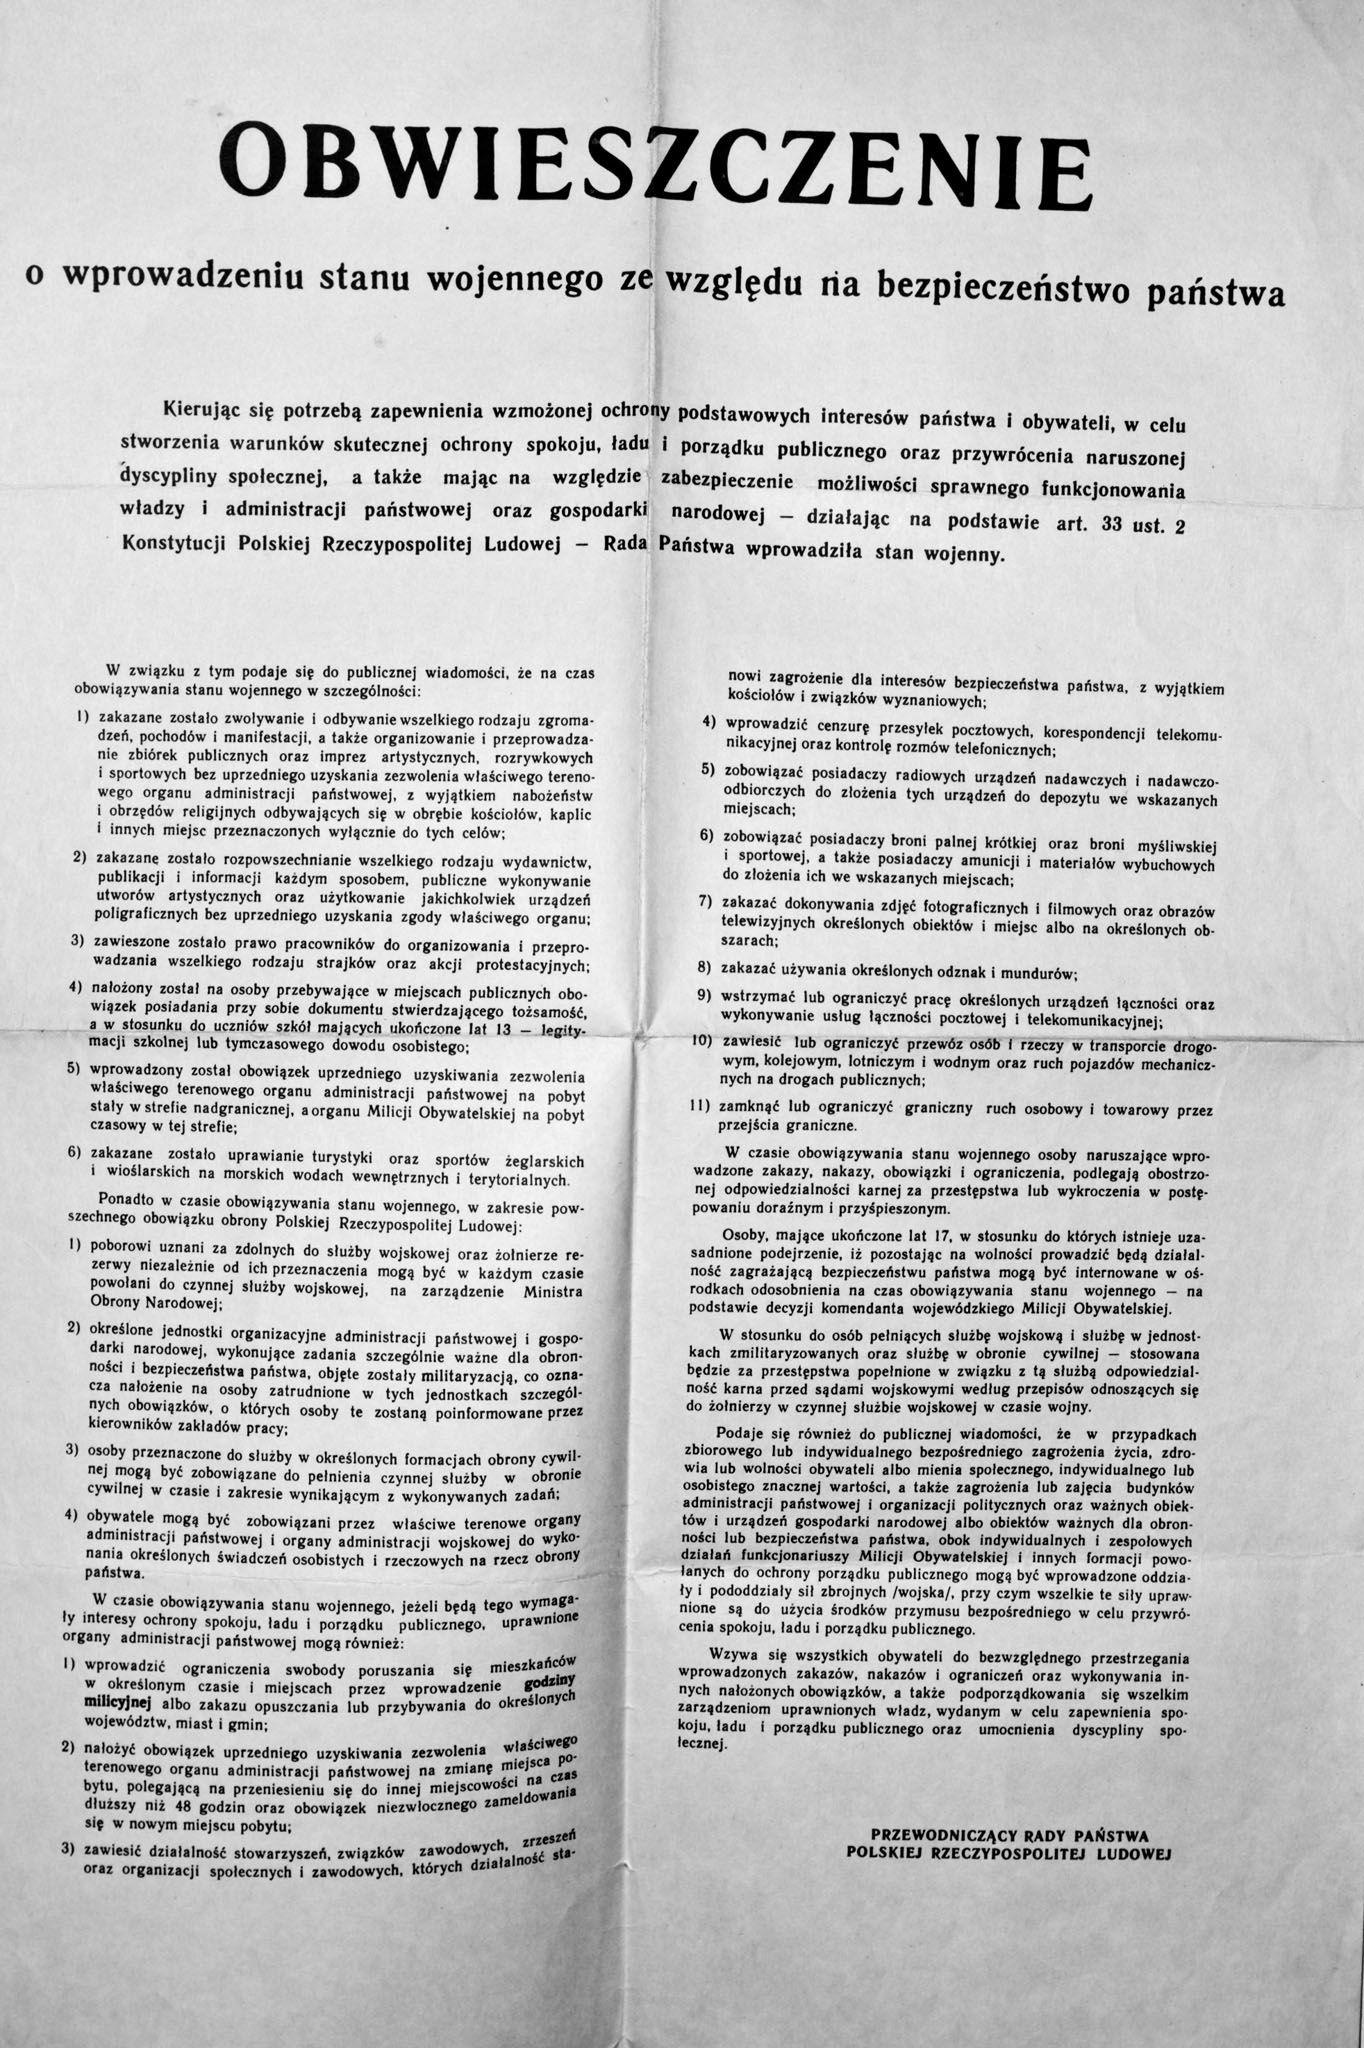 To jedno obwieszczenie, wydane przez Radę Państwa, diametralnie zmieniło sytuację w Polsce z dnia na dzień. Wprowadzenie stanu wojennego oznaczało niepewność i strach nie tylko dla opozycji, ale i dla zwykłych obywateli.